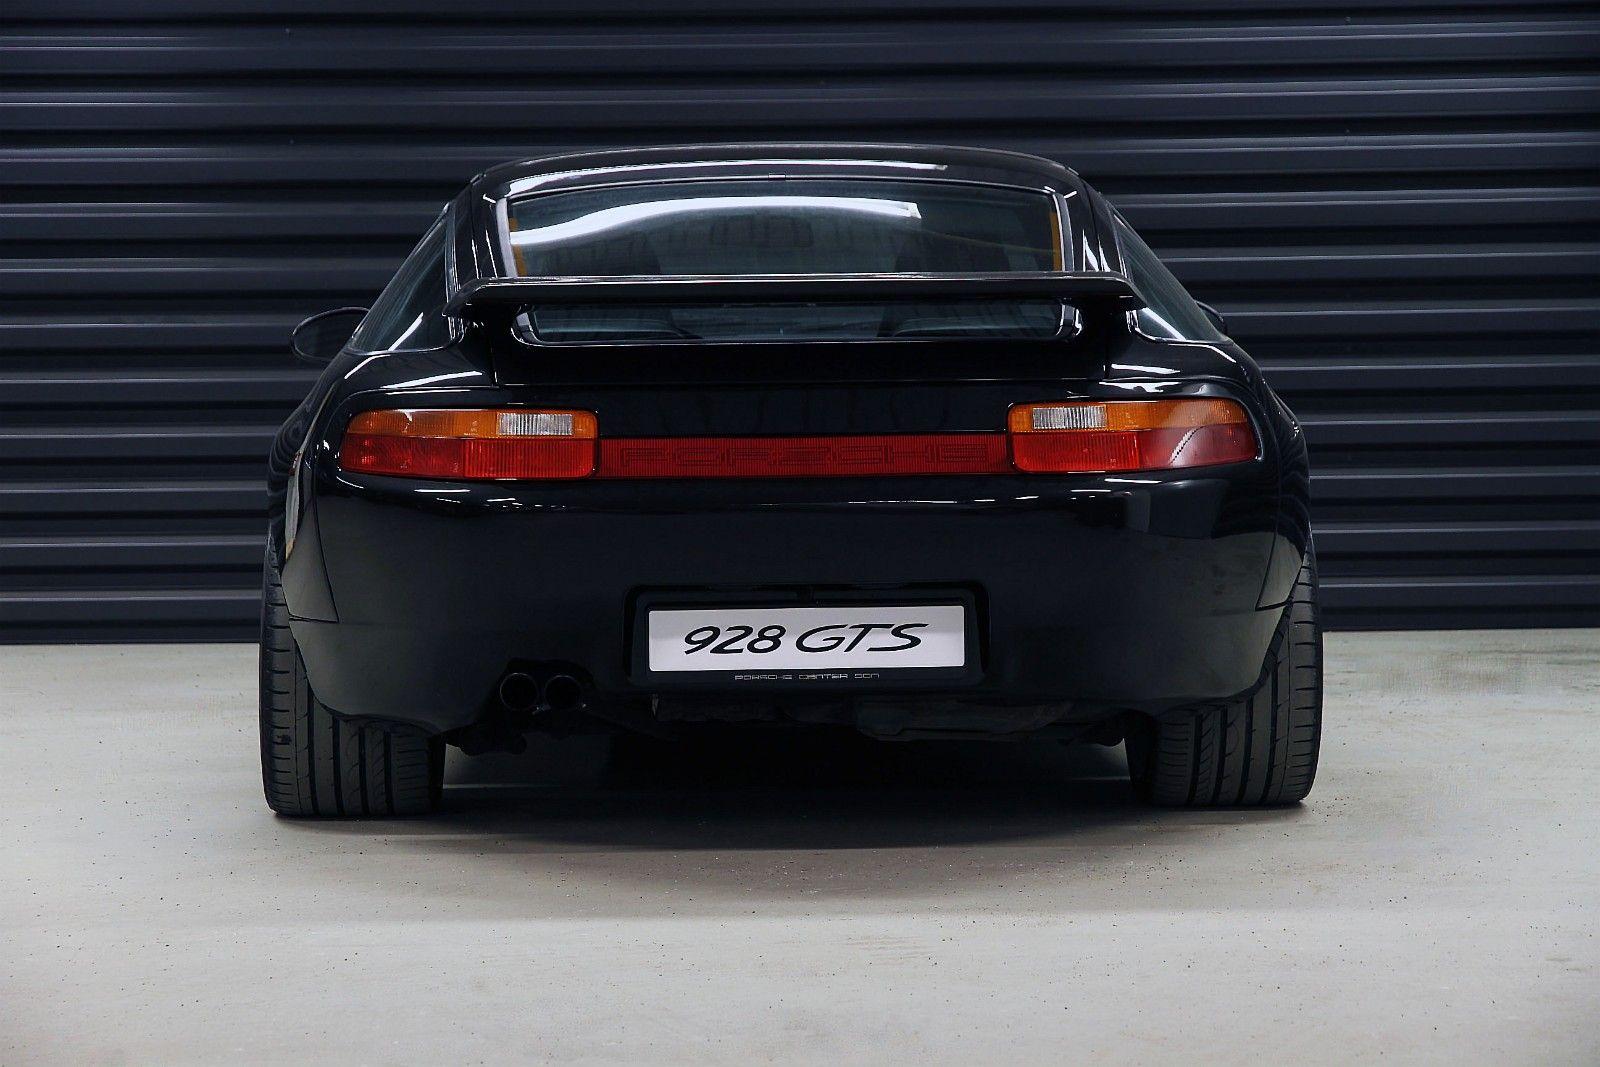 FINN – Porsche 928 GTS. Manuelt gir. 1 av 300 prod. 1992, 214500 km, kr 490000,-